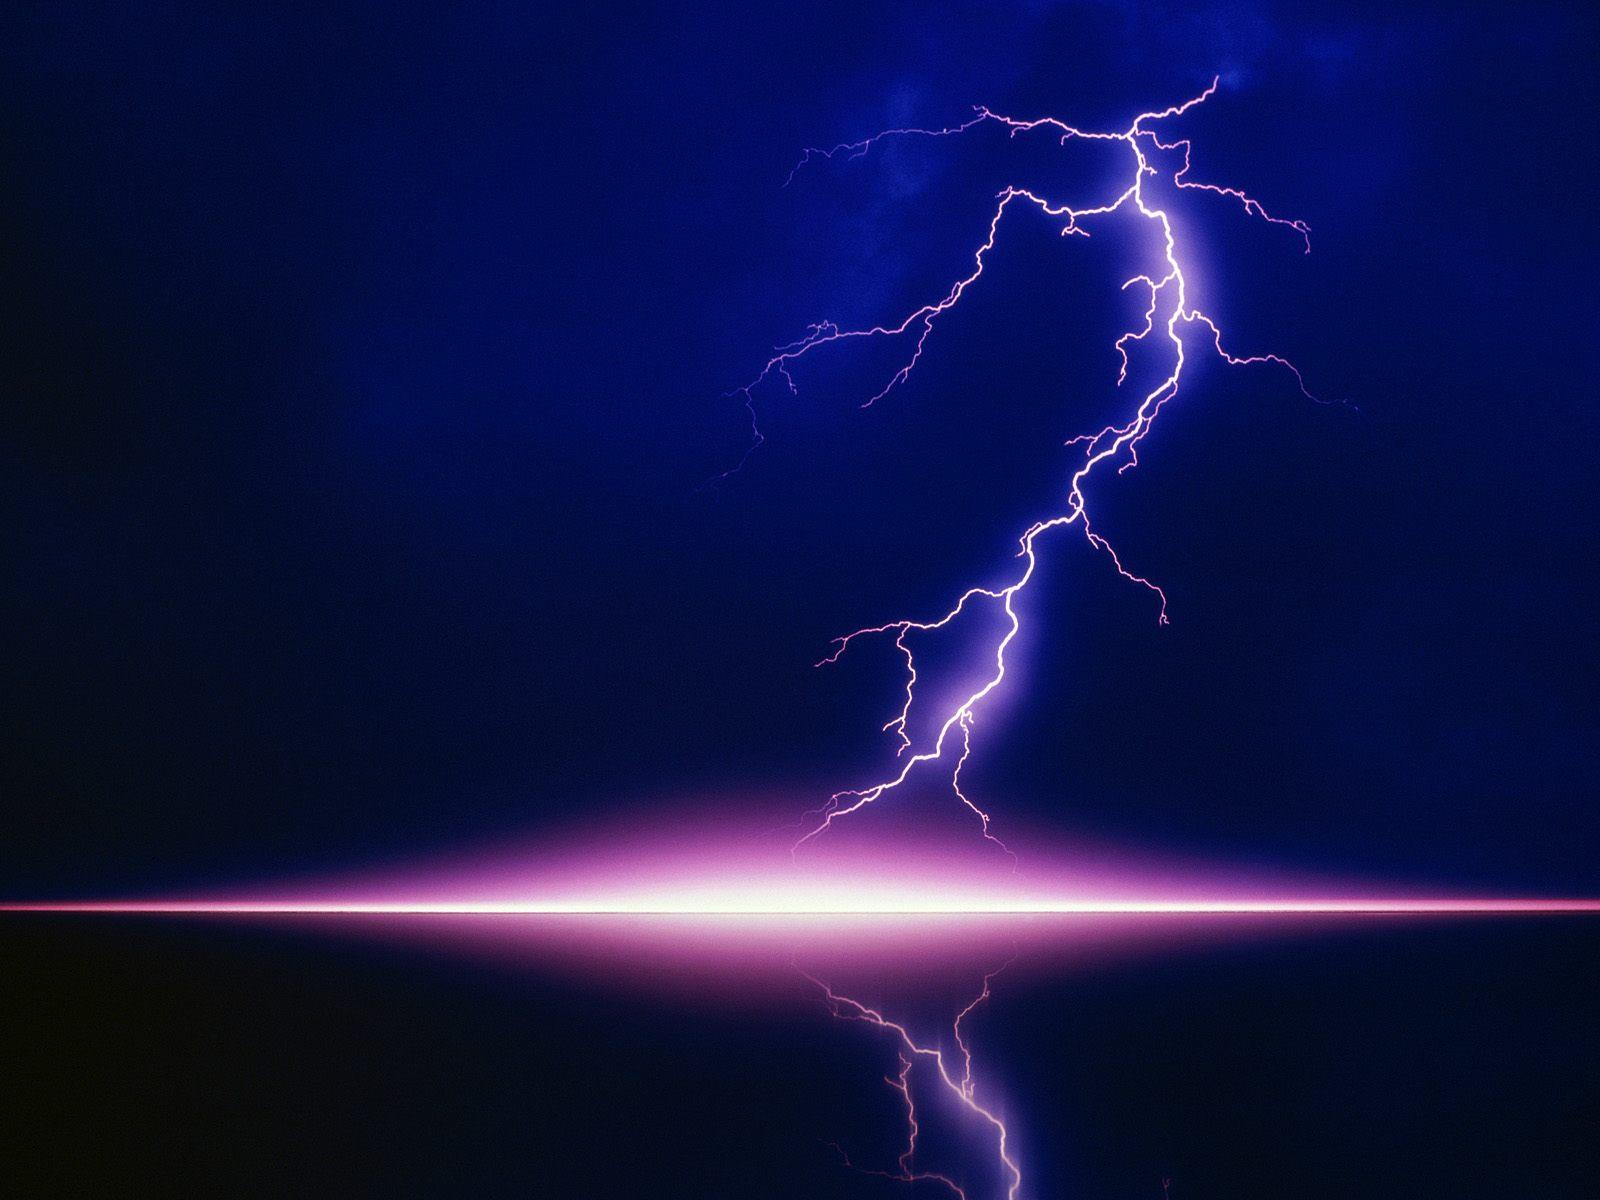 La Gran tormenta de Purificación ¿ya Está Encima de Nosotros?